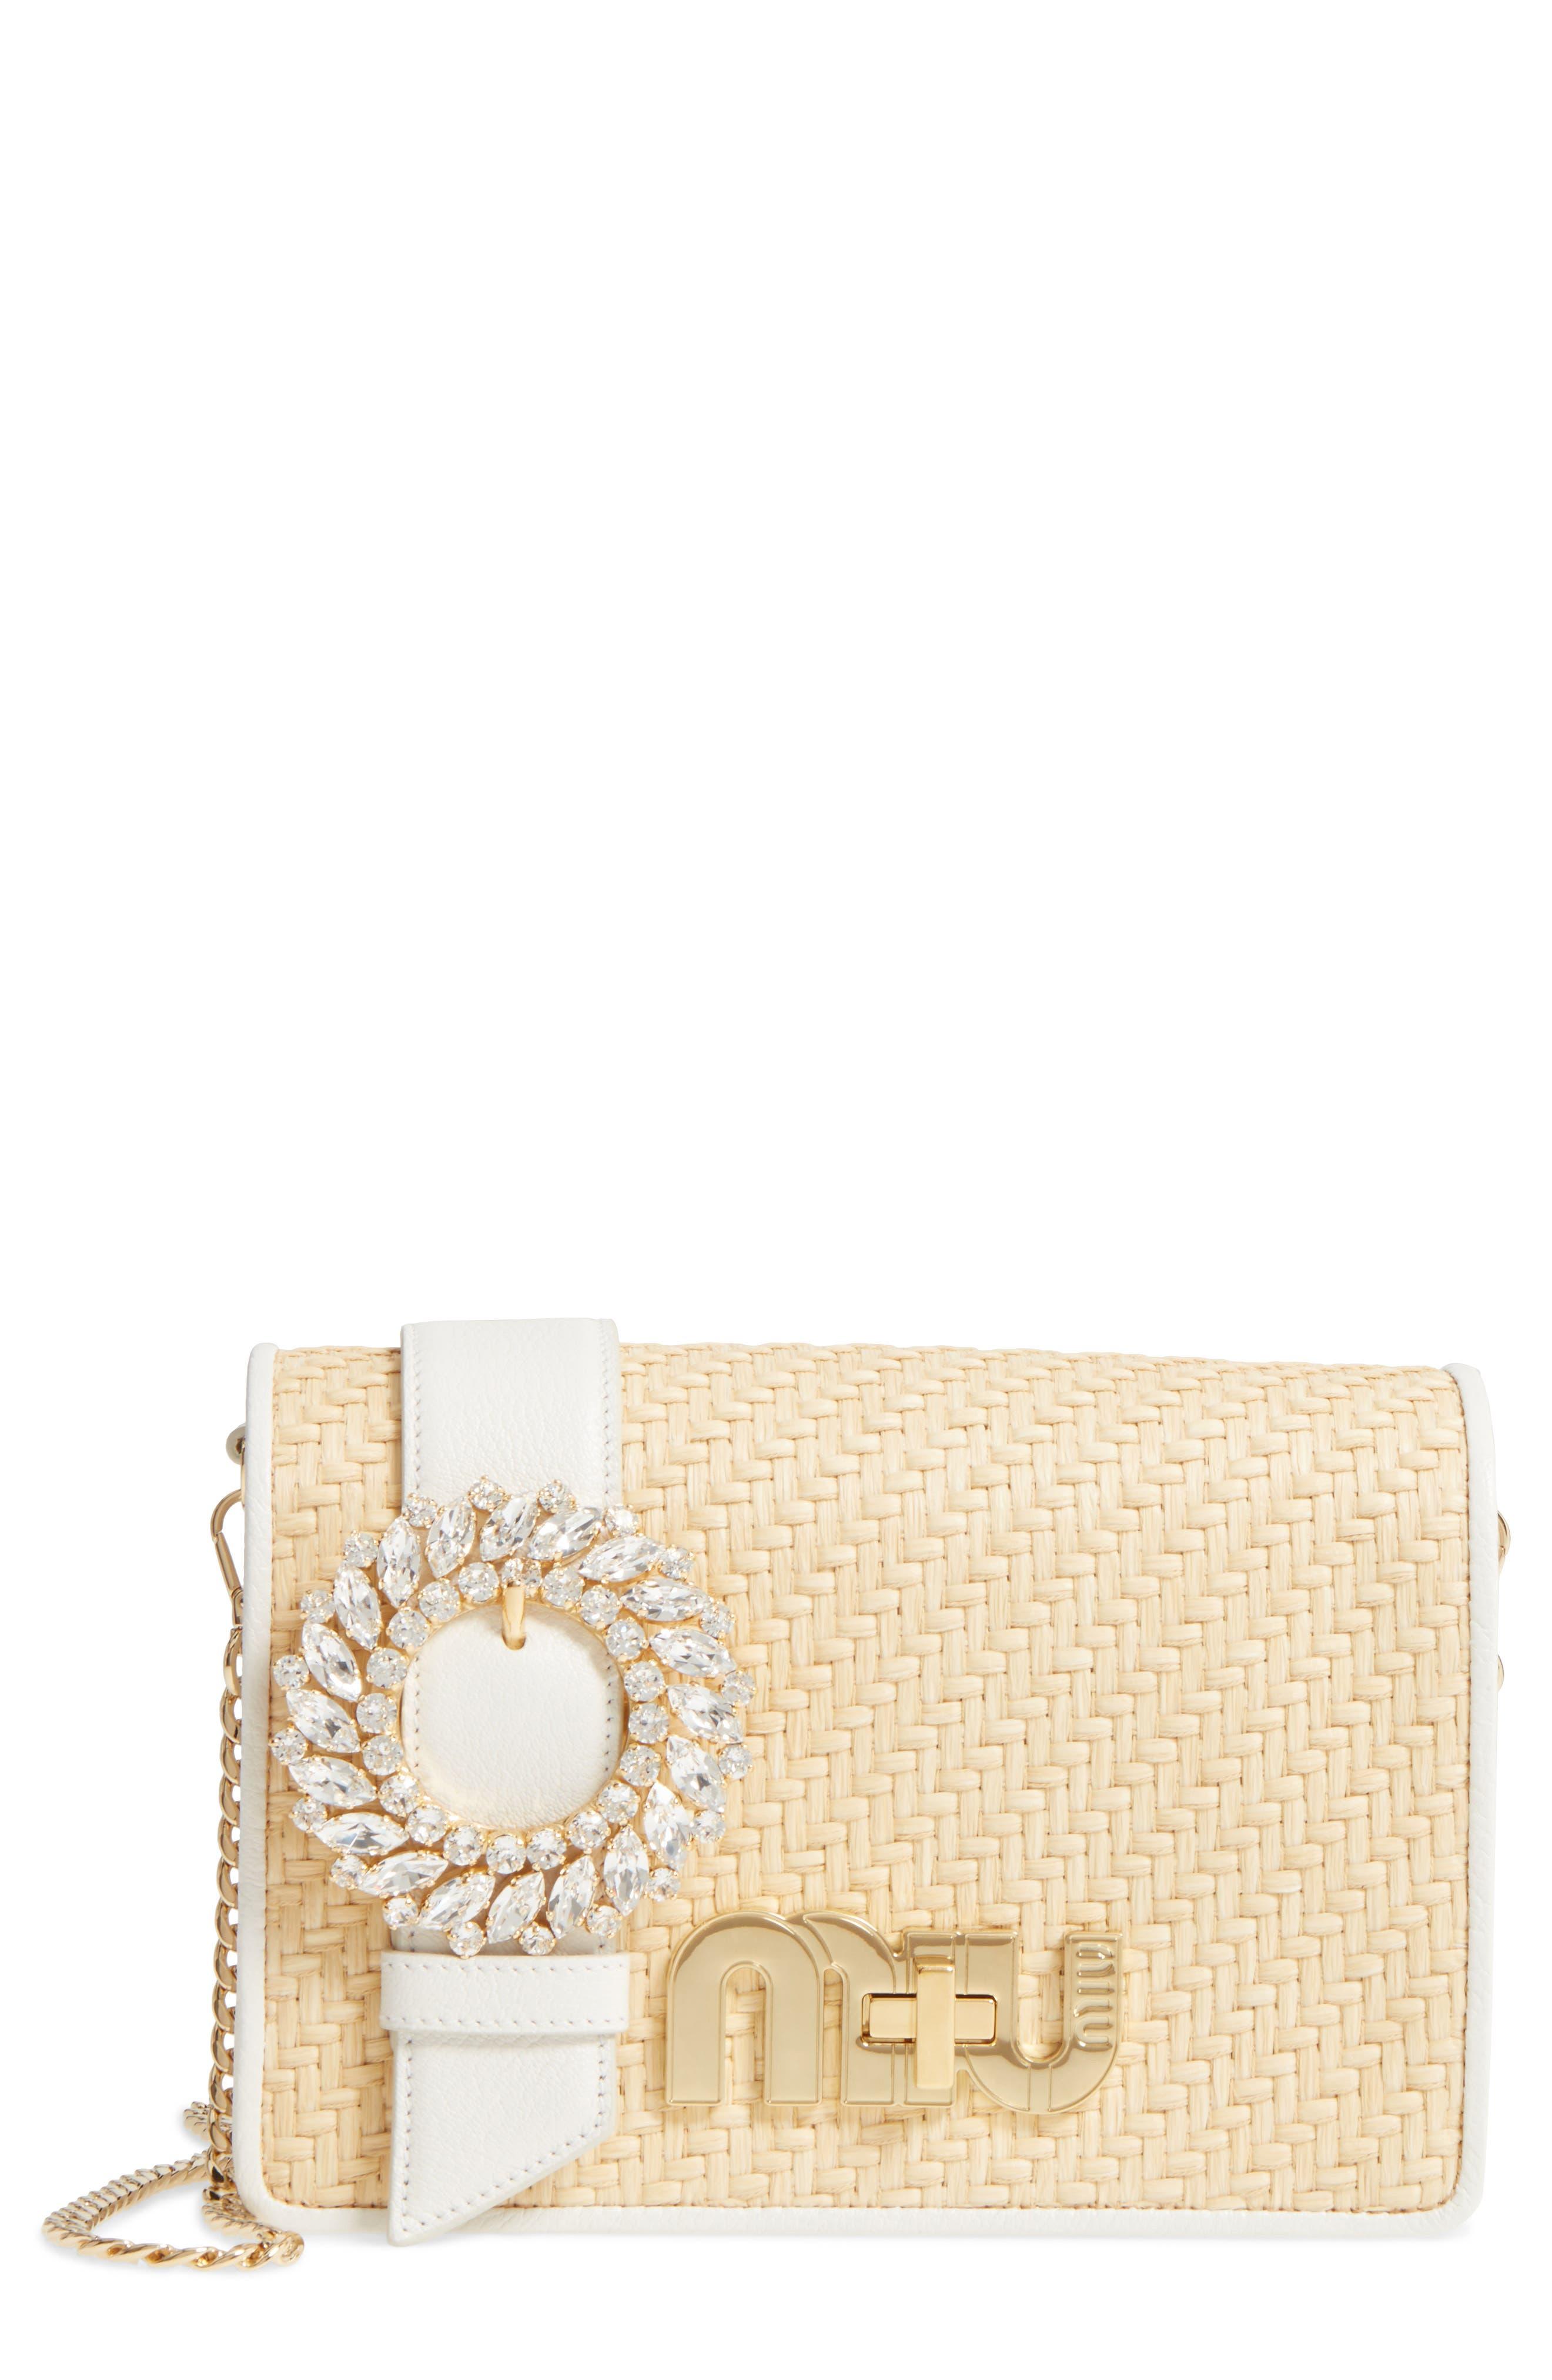 Miu Miu Woven Raffia & Leather Shoulder Bag